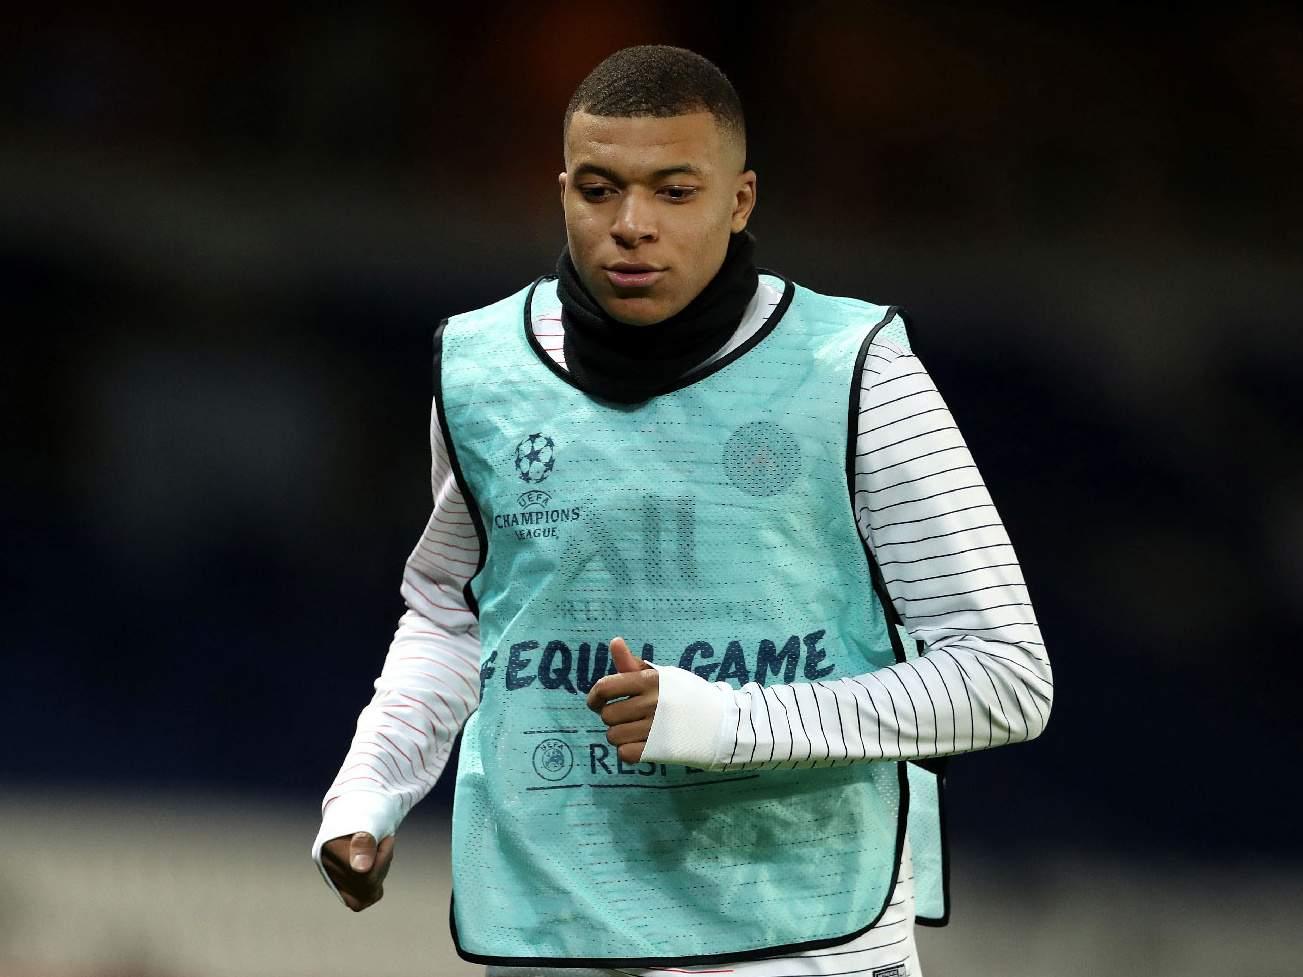 Назван самый быстрый футболист Лиги чемпионов в сезоне-2019/2020